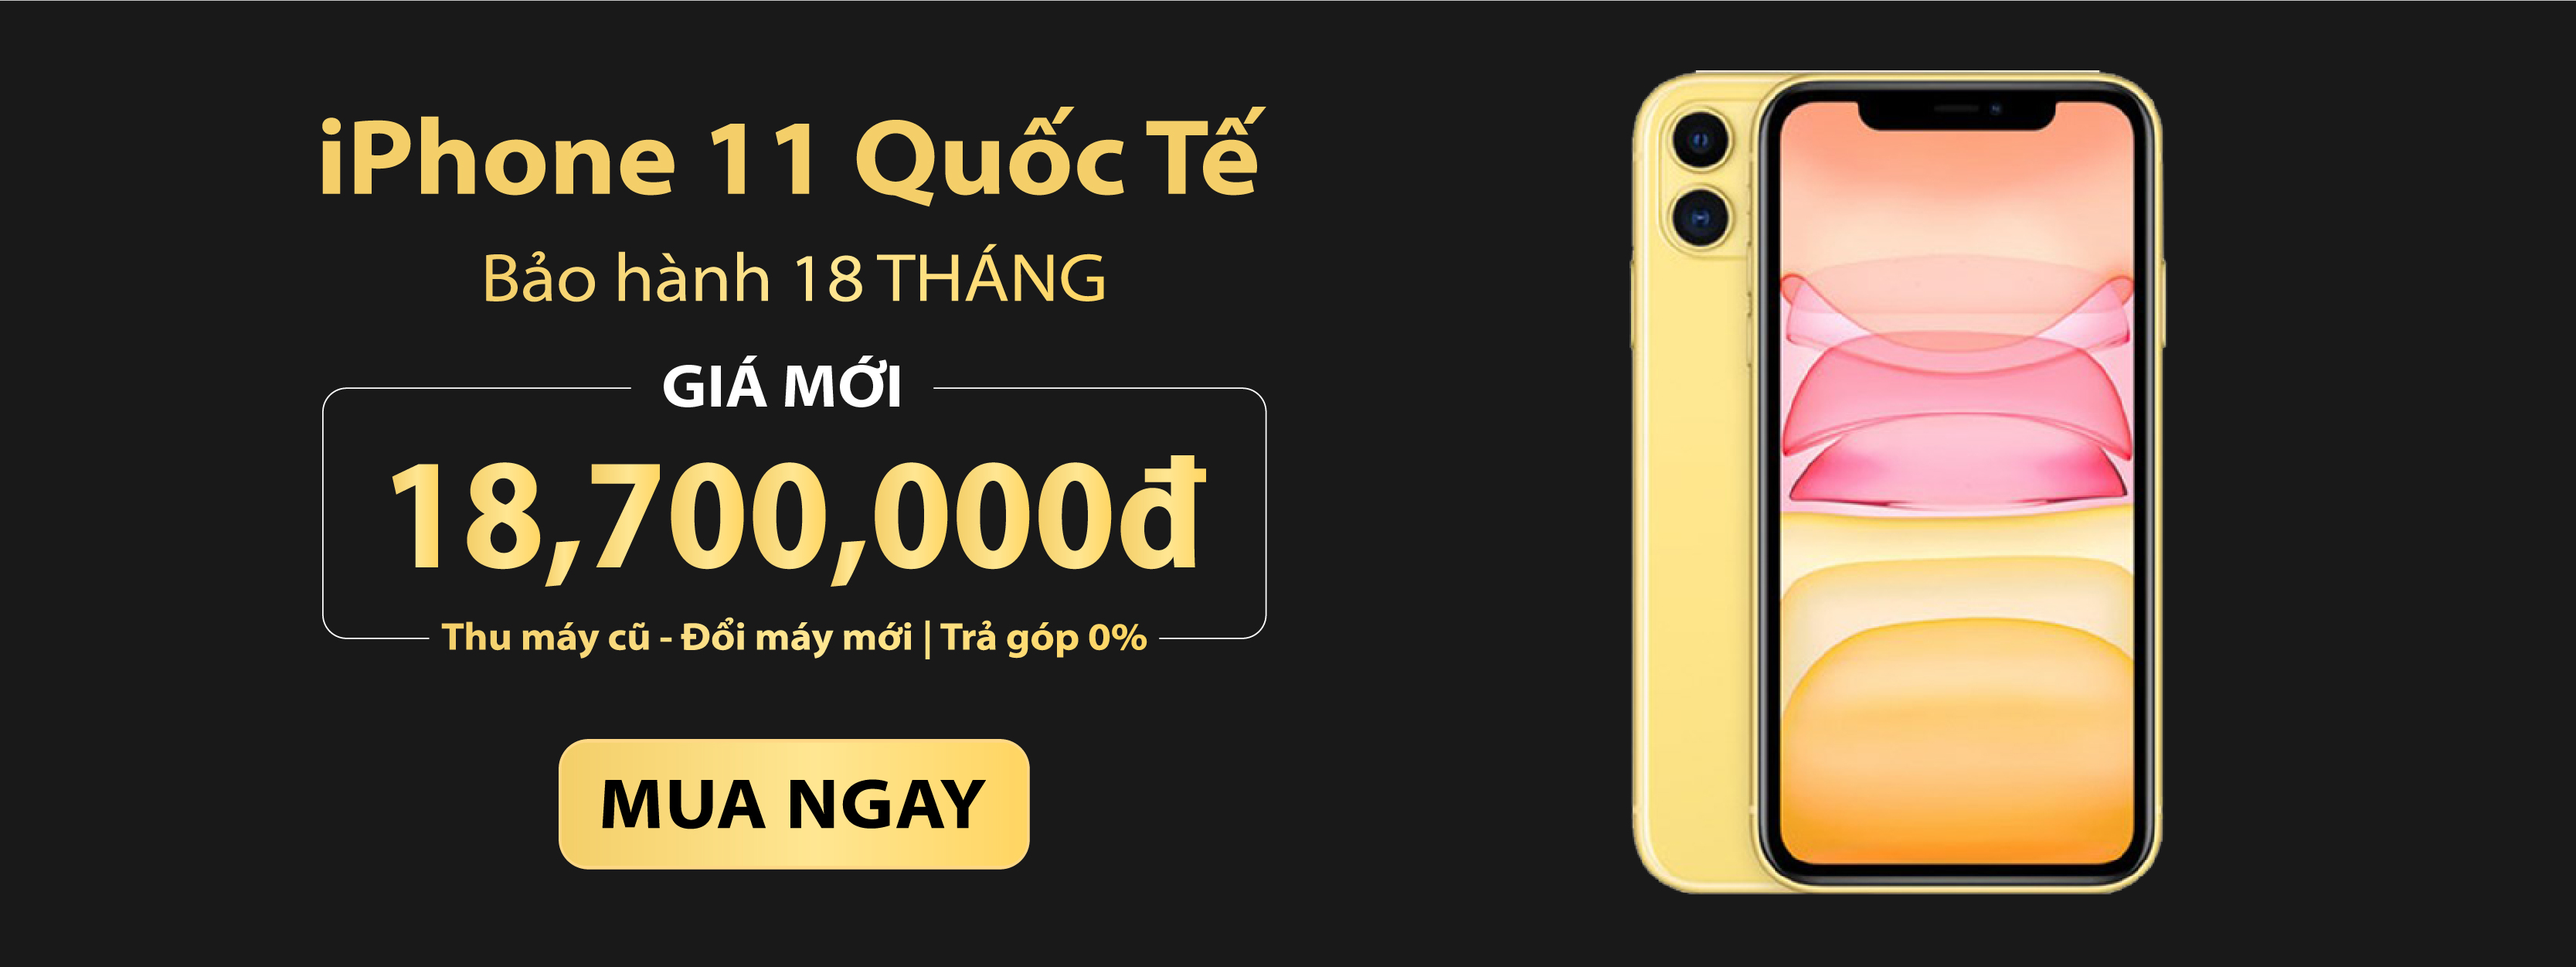 Slide 5 -trangthienlong.com.vn